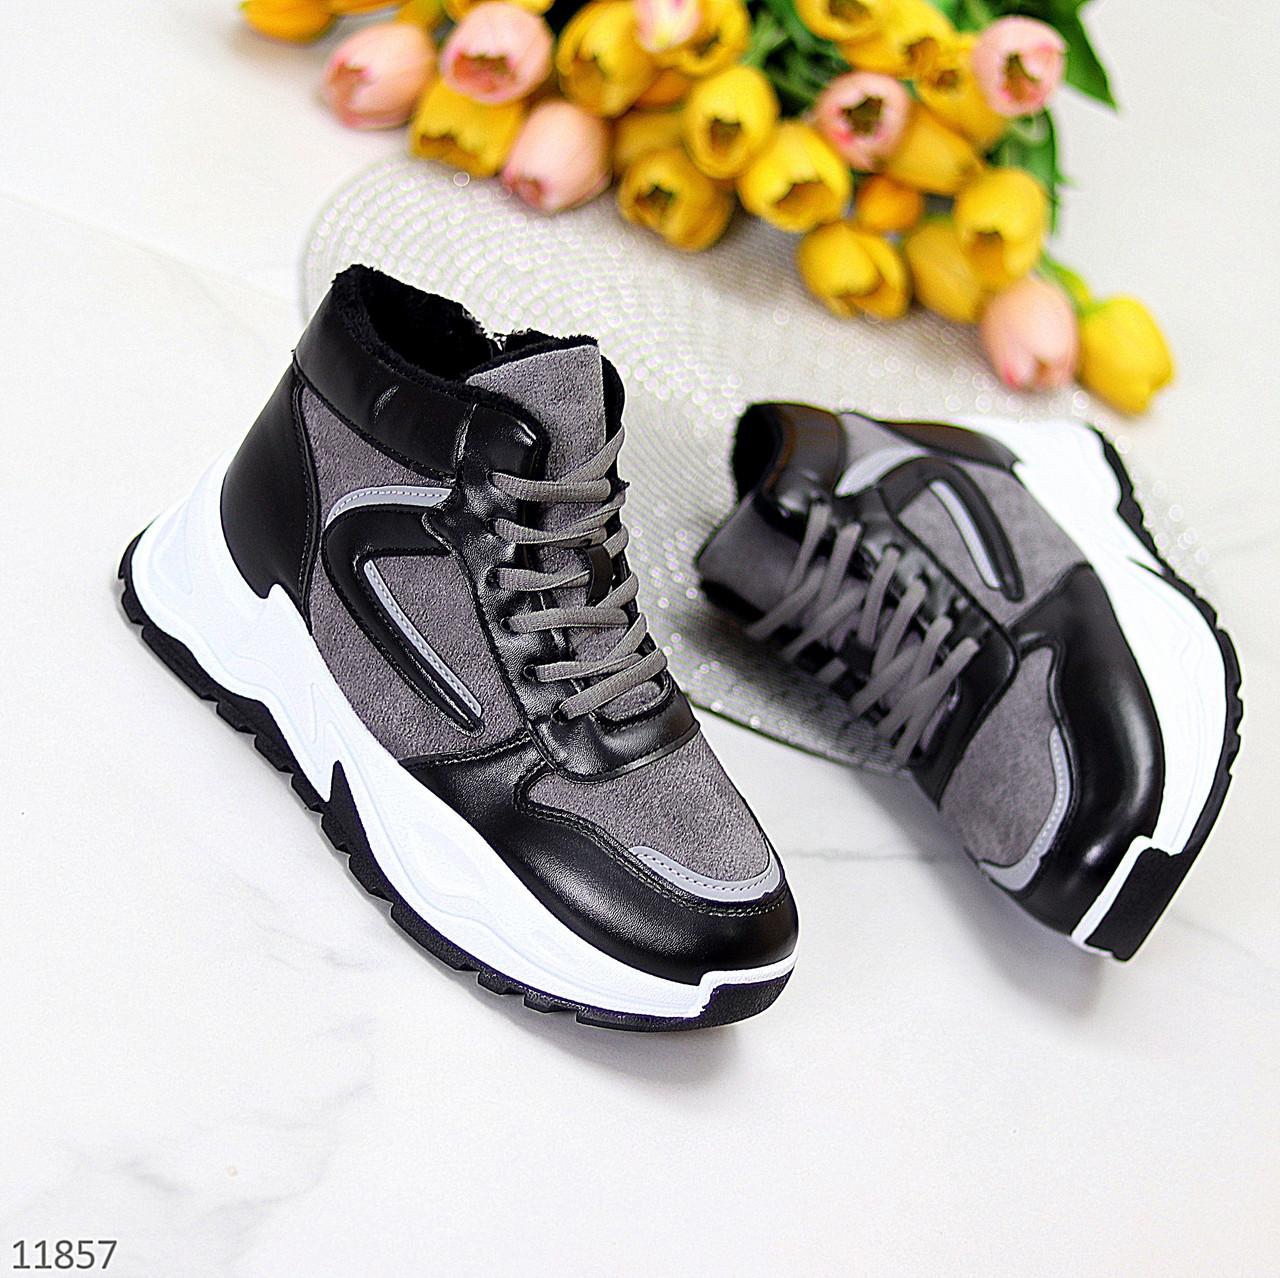 Модельные зимние серые черные женские спортивные ботинки на меху